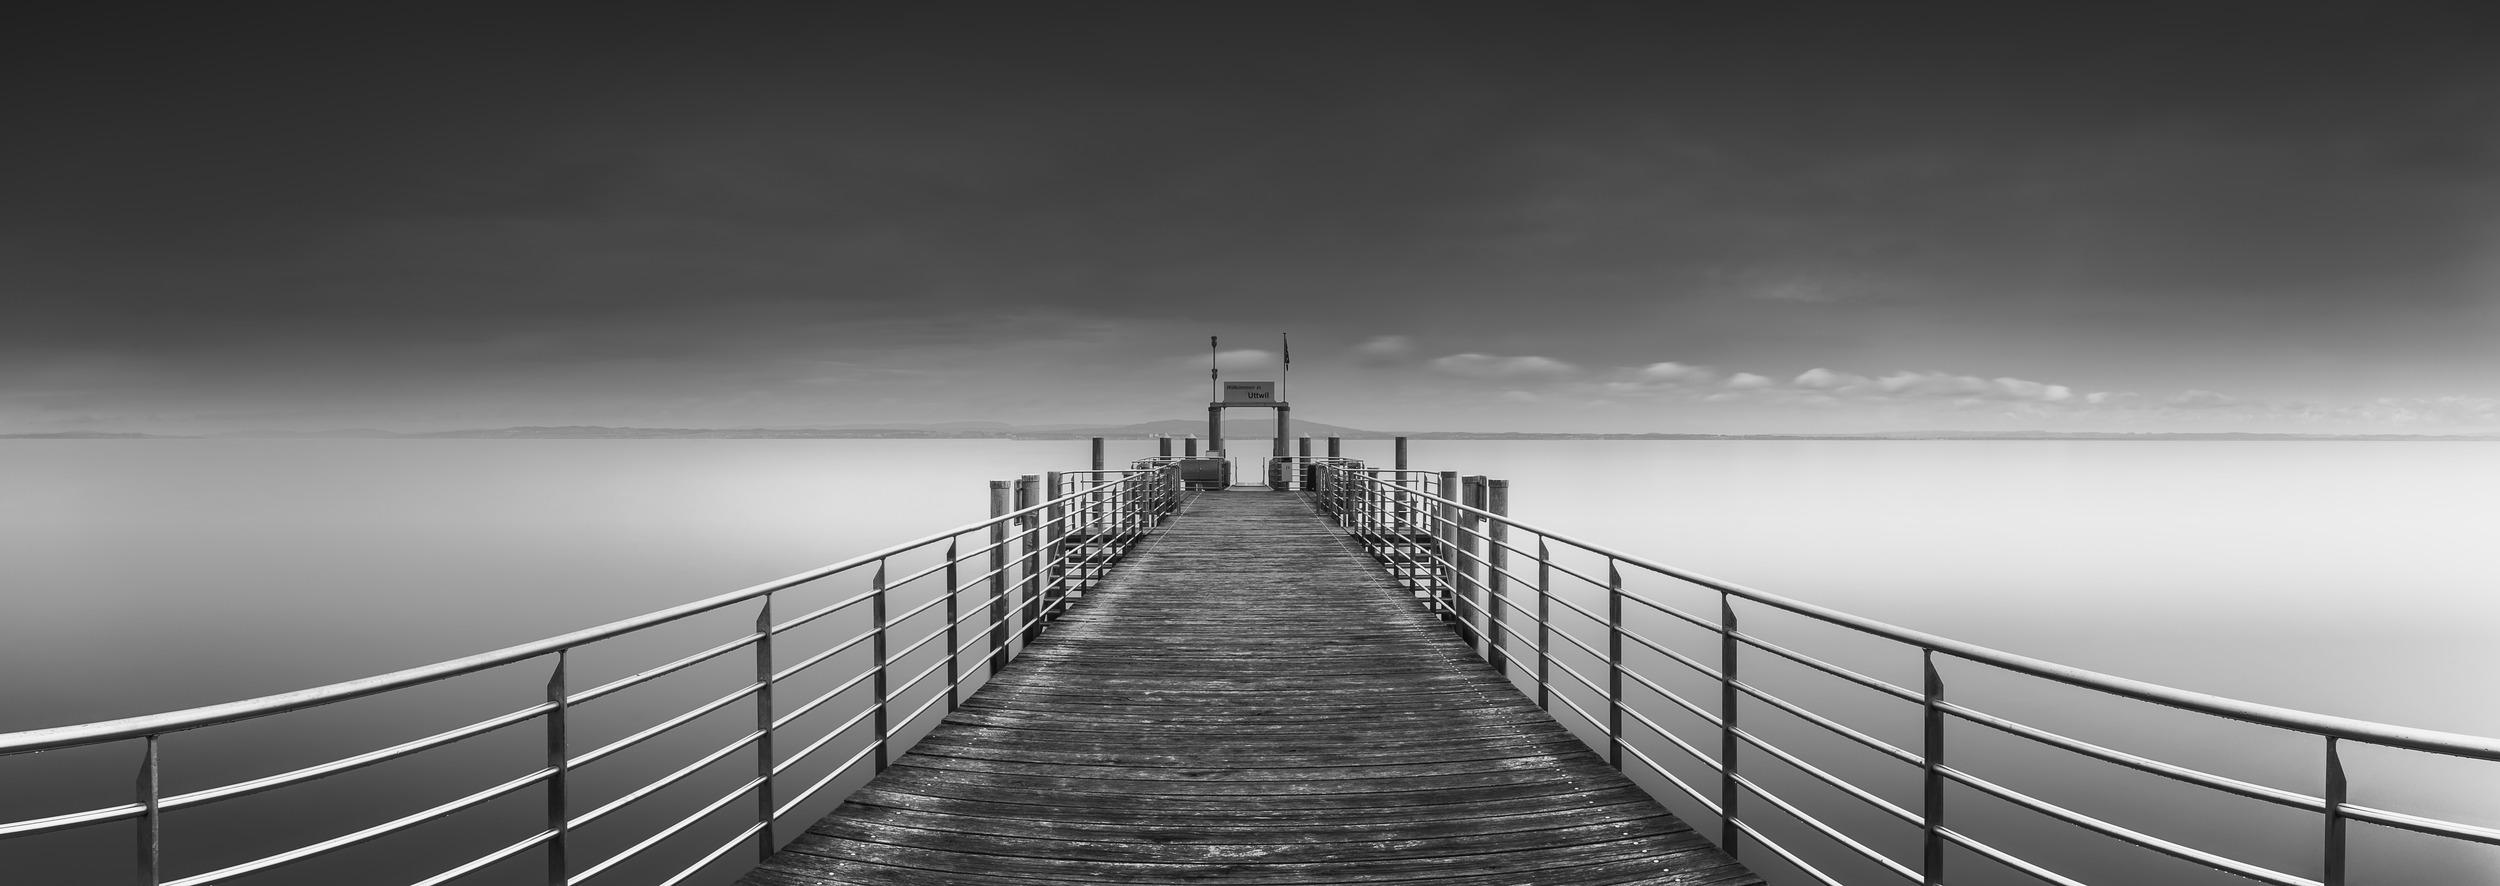 BODENSEE PIER – UTTWIL - Schöne Landschaft Bilder kaufen | Stimmungs Foto als Fineart by Stefan Somogyi Fotografie